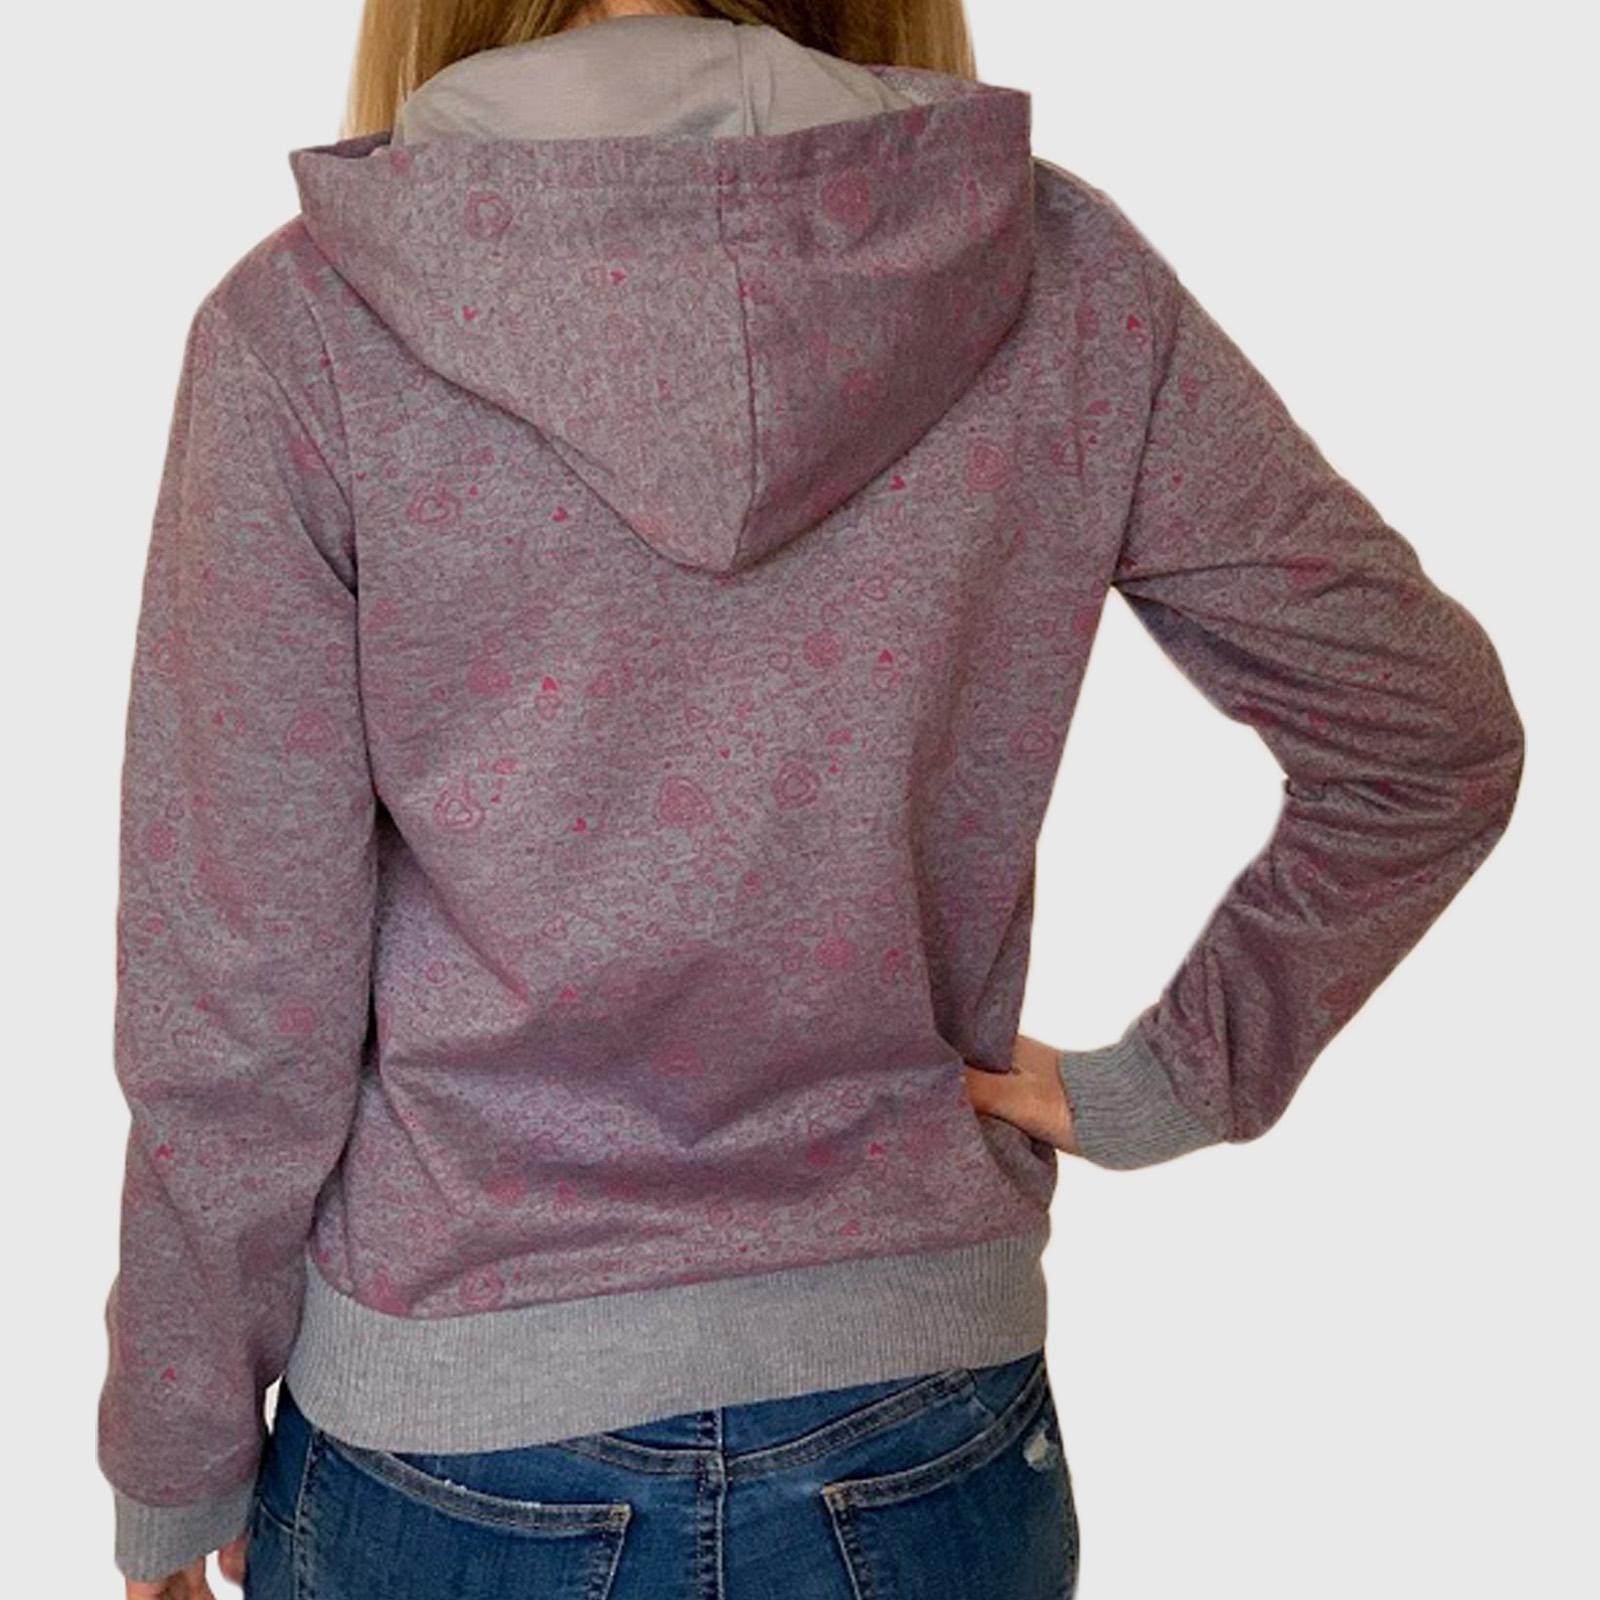 Женские молодежные кофты с принтами – качественный трикотаж